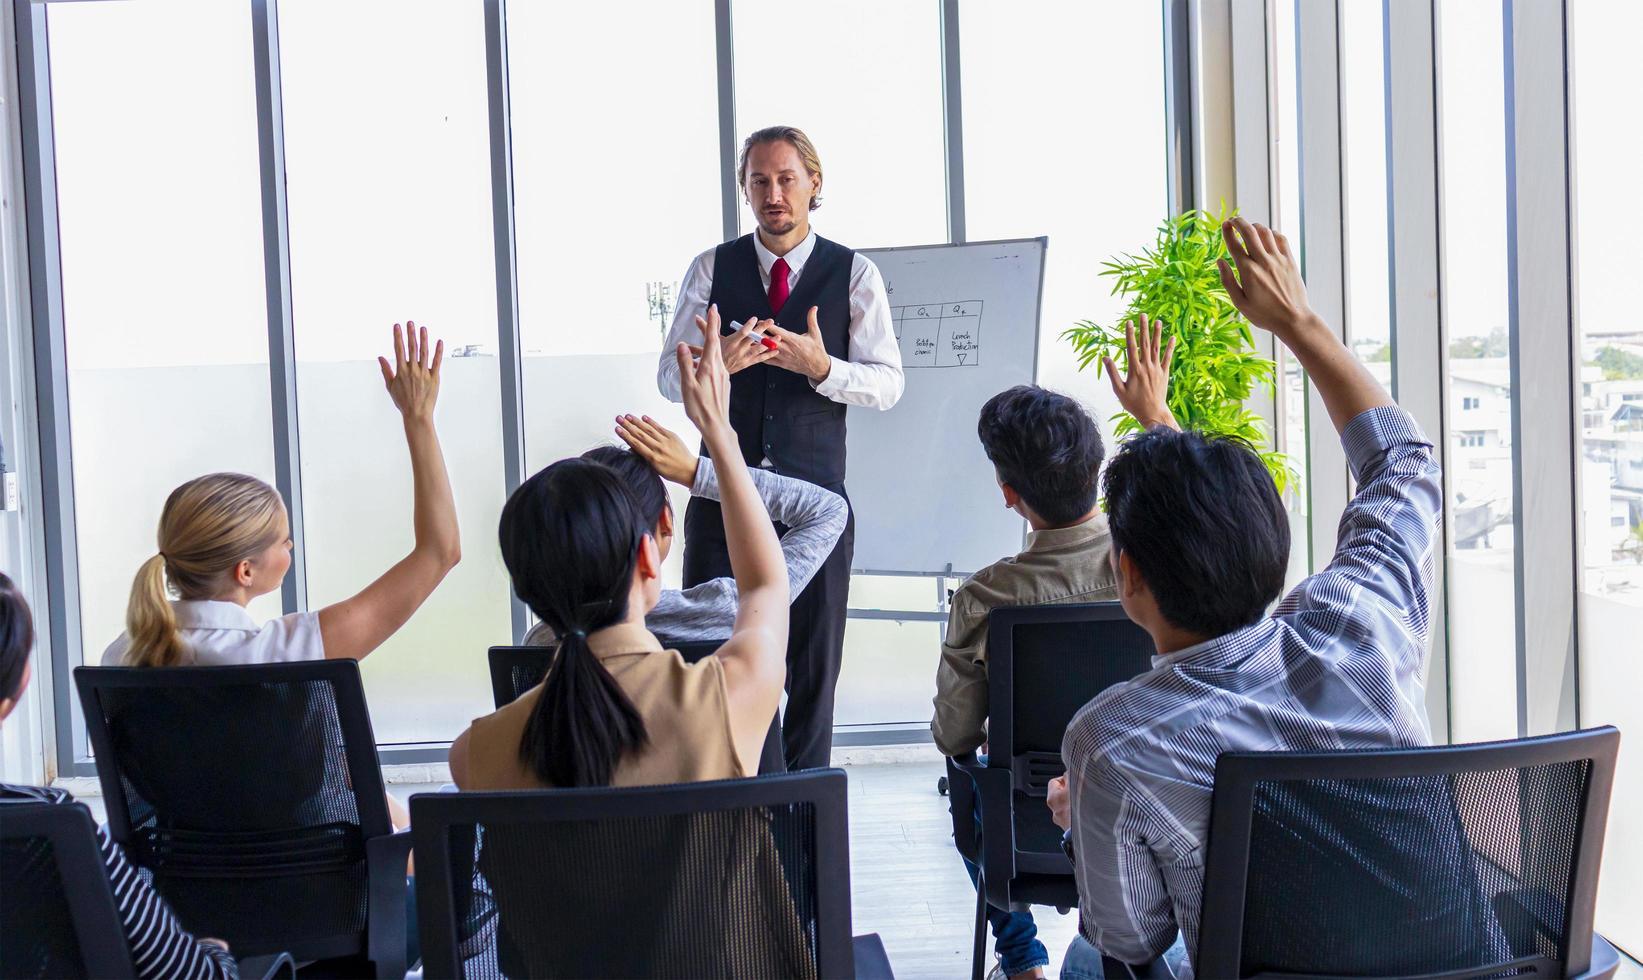 les participants lèvent la main au bureau photo